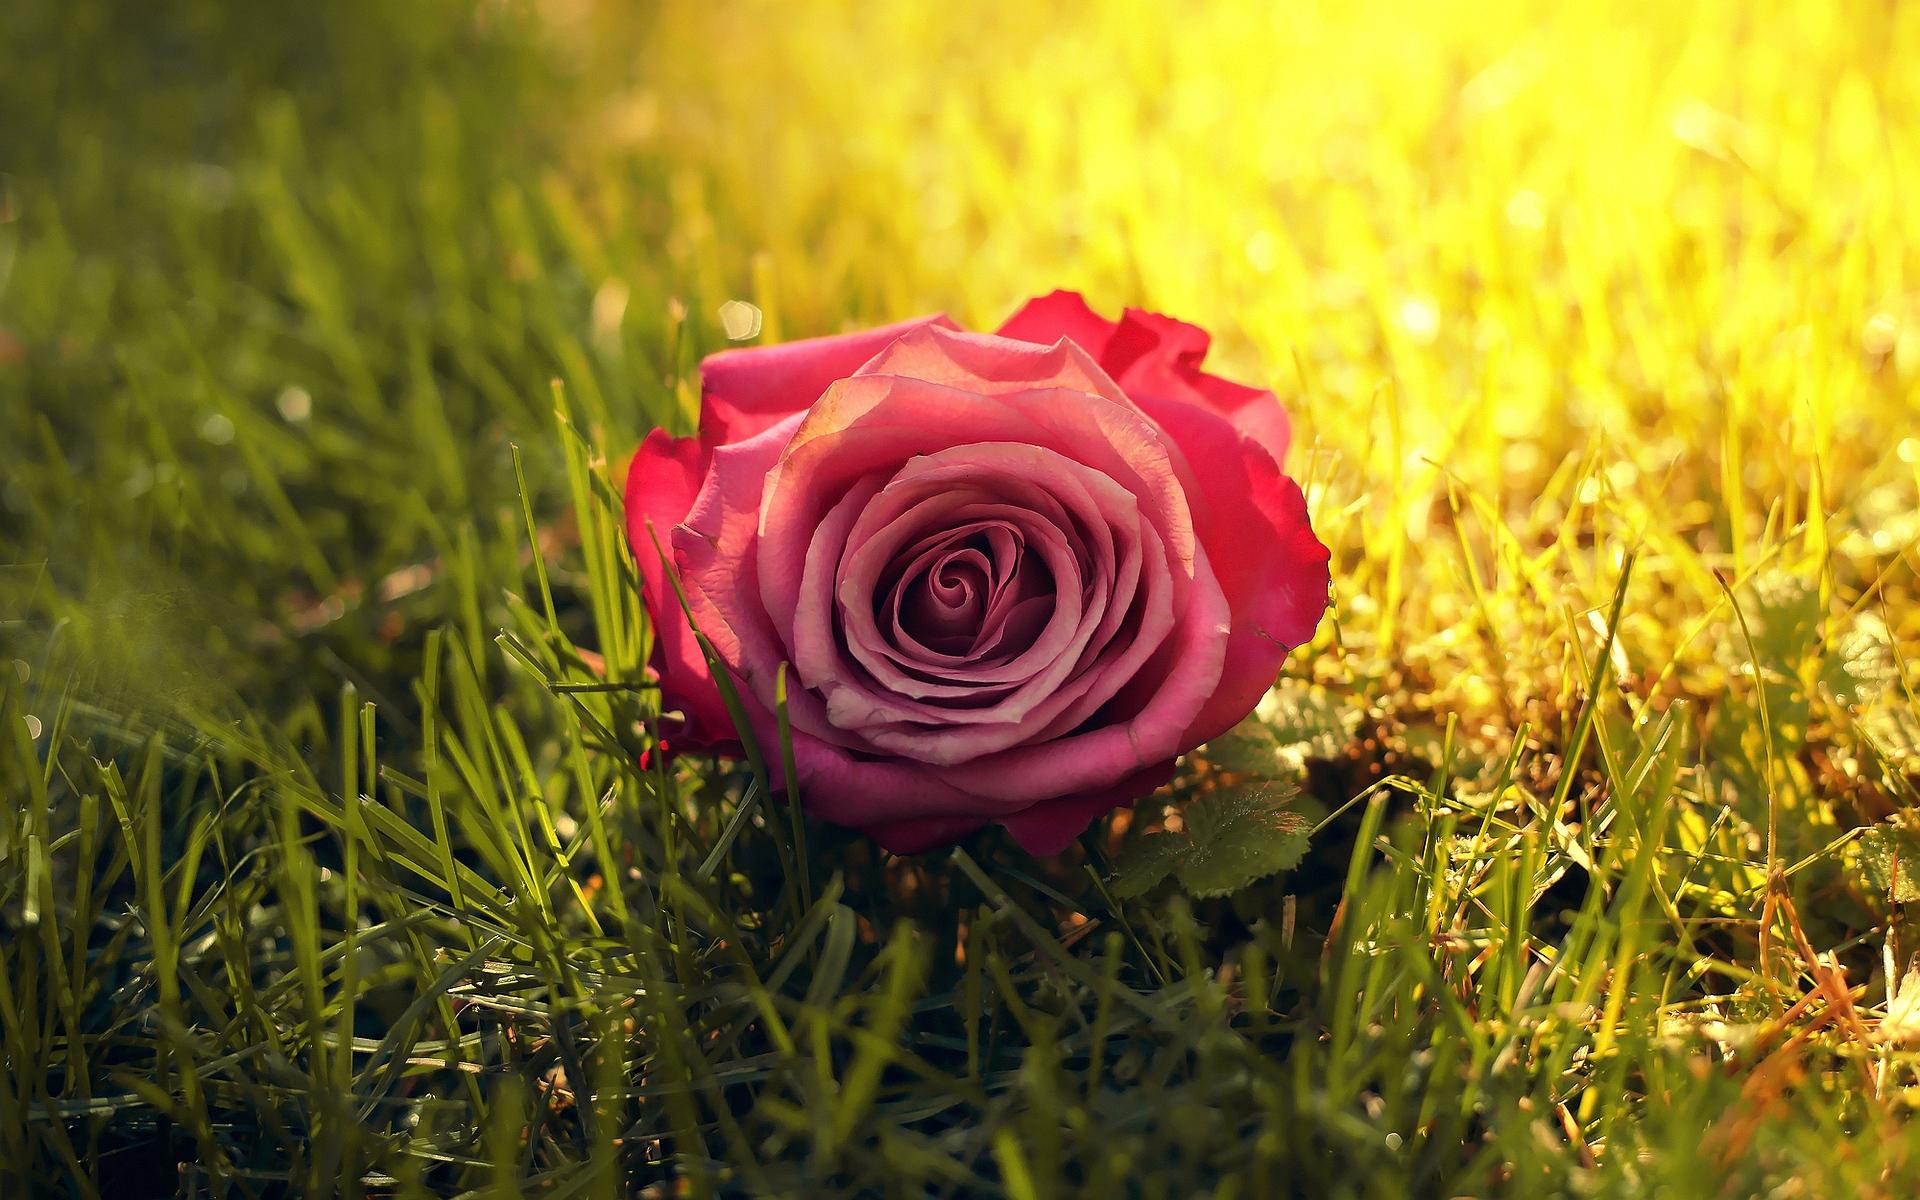 grass wallpaper rose